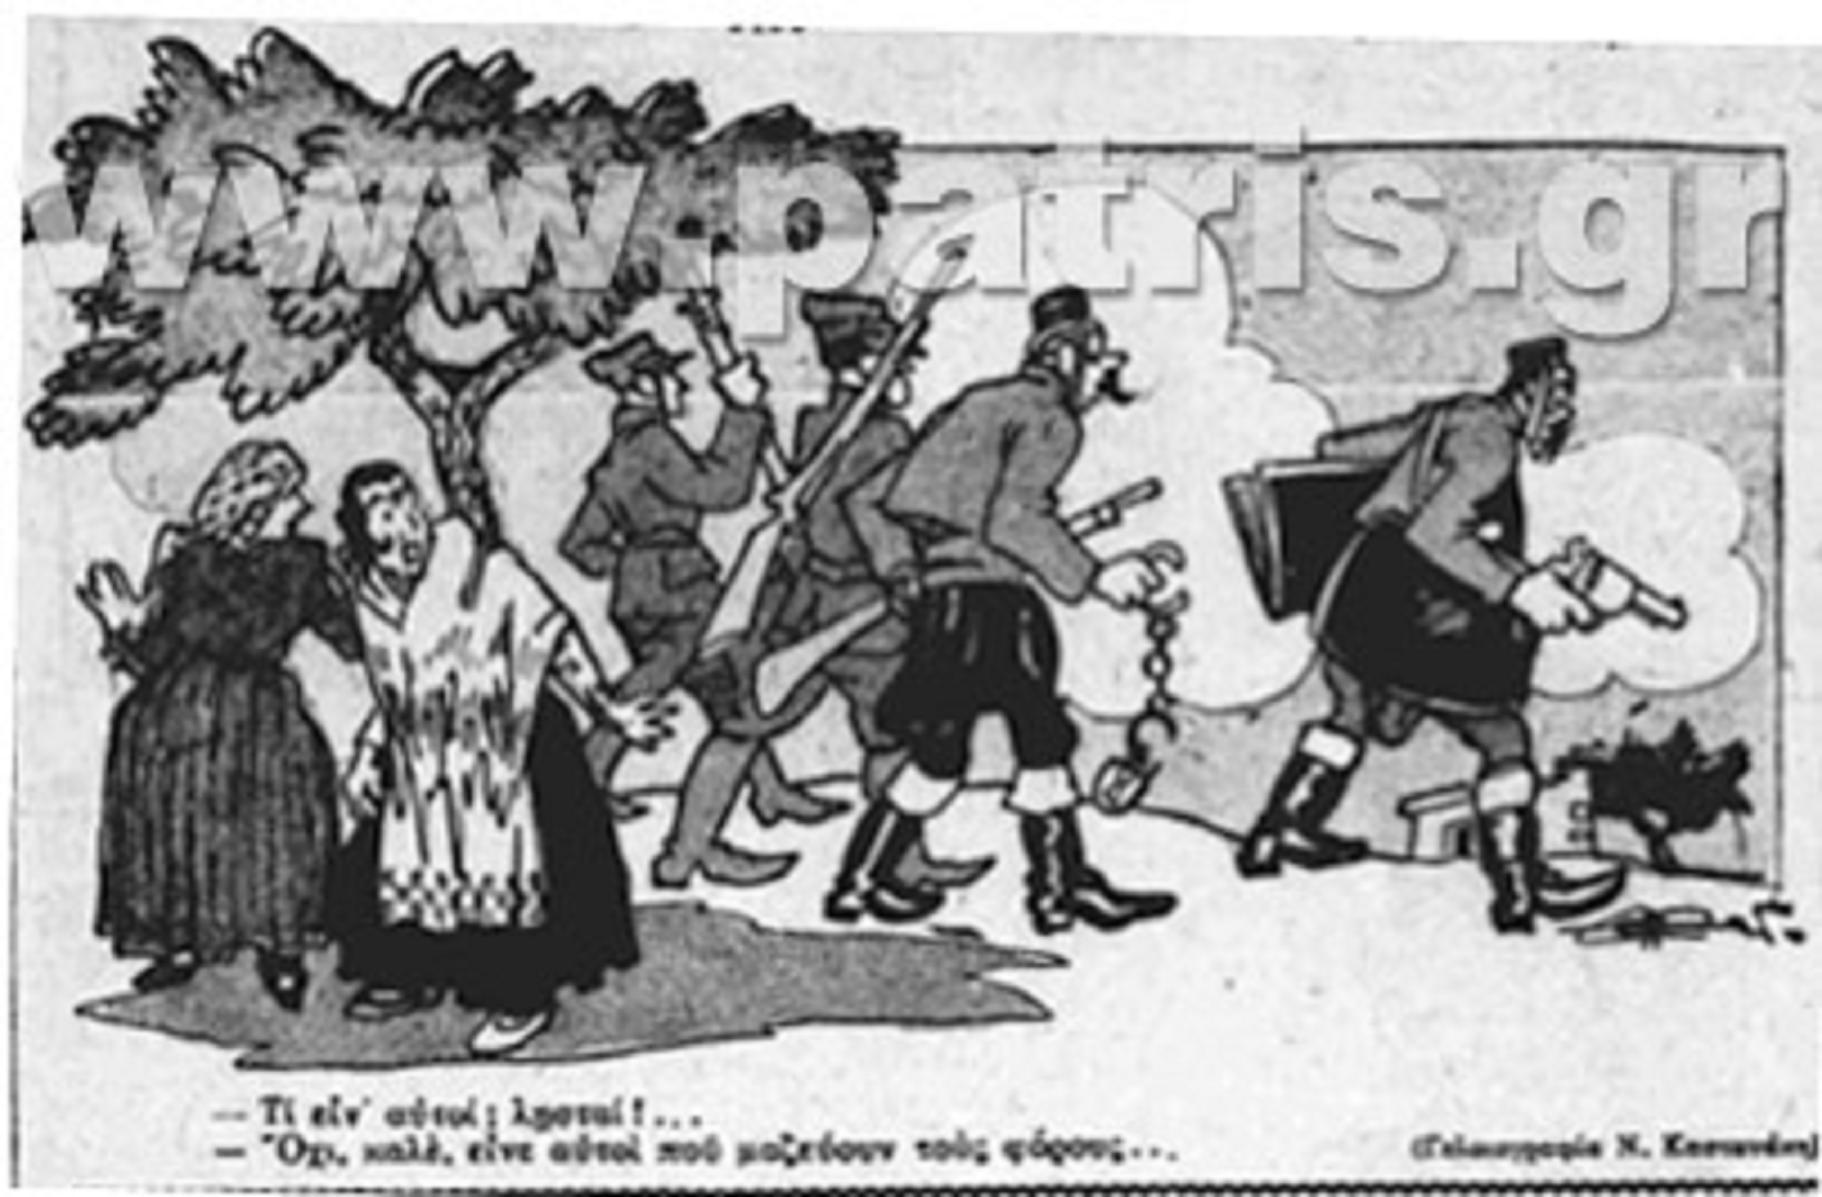 """Το κράτος με τη μορφή ληστών και πάνοπλων χωροφυλάκων γυρίζει στην Κρήτη για την είσπραξη των φόρων από τους φτωχούς Κρητικούς. Γελοιογραφία του Ν. Καστανάκη τις ημέρες των κρητικών συλλαλητηρίων (""""Η Πρωία"""", 2 Φεβρουαρίου 1928)"""